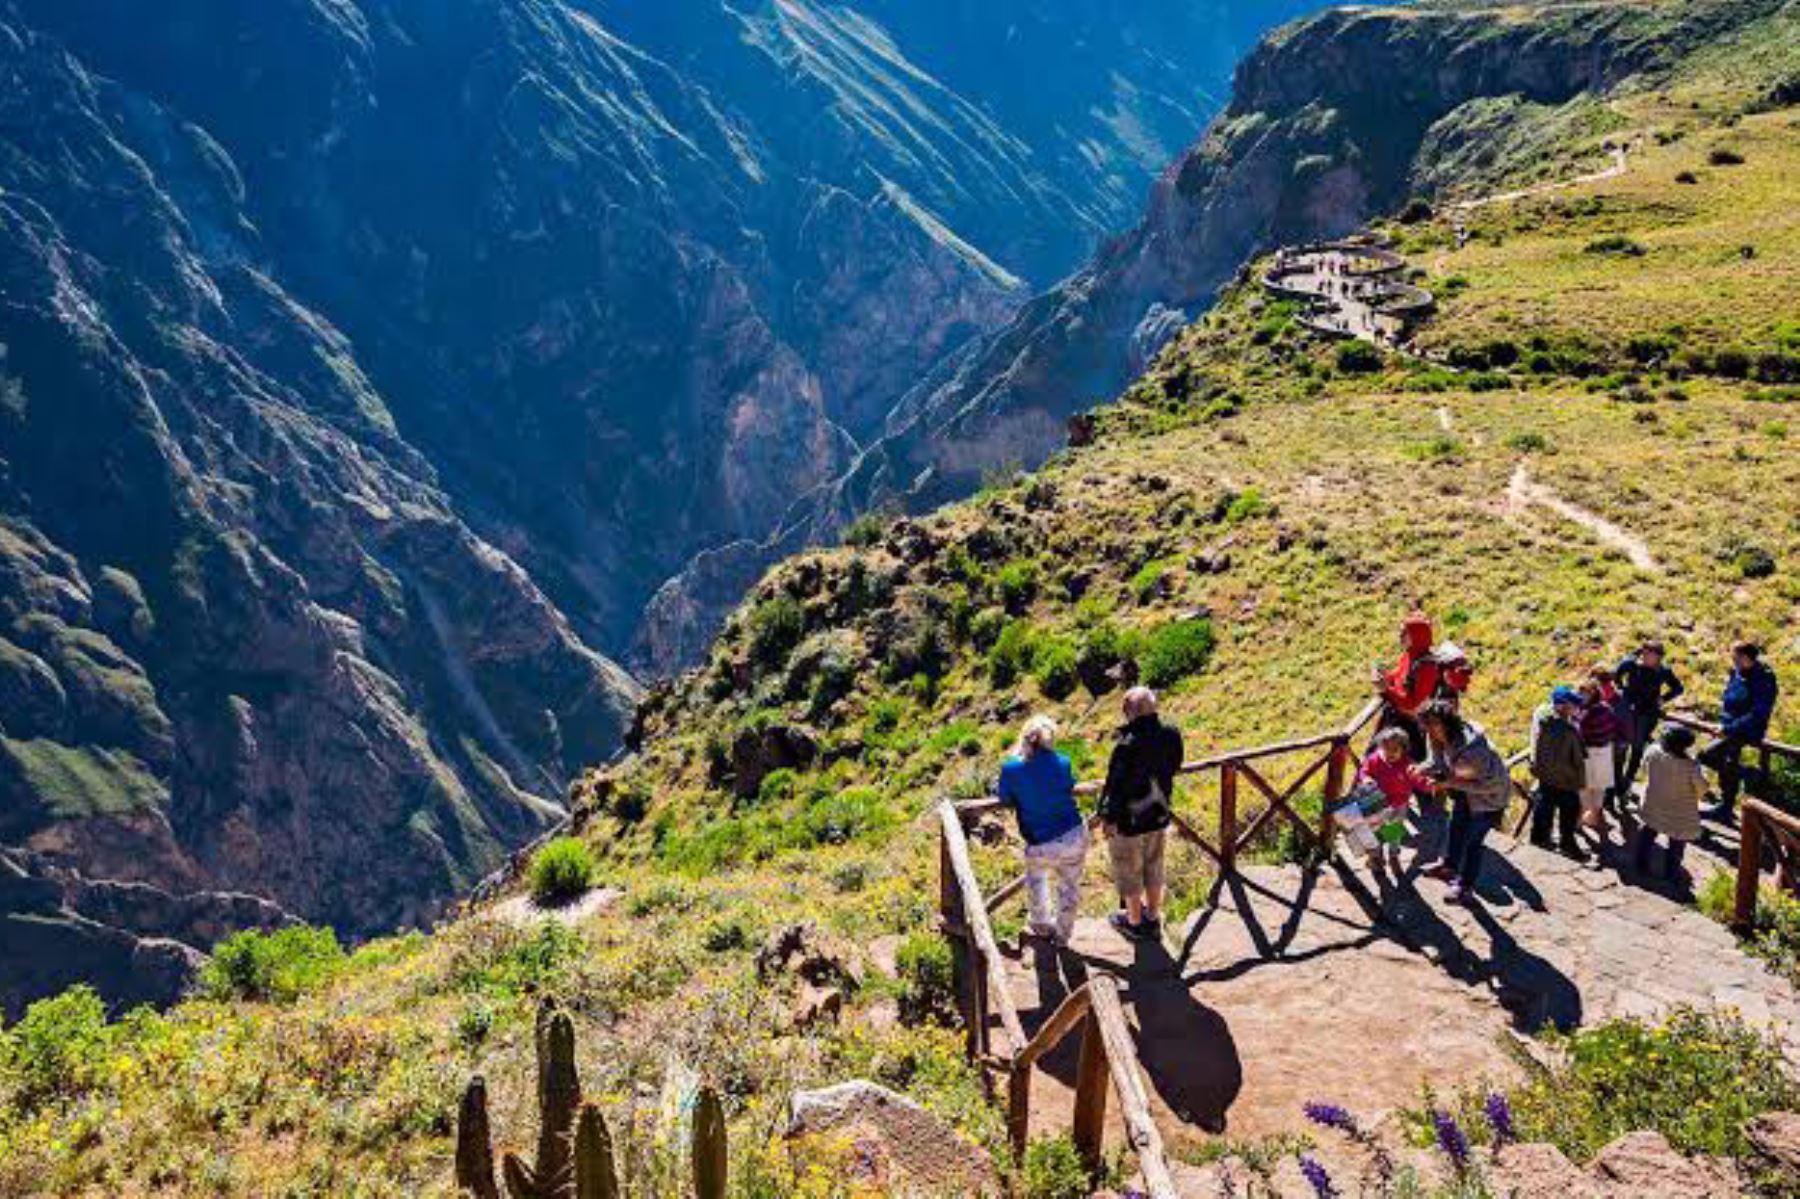 El valle del Colca recibió el año pasado más de 250,000 turistas y en el 2020, hasta el 15 de marzo, ingresaron 41,535. Foto: ANDINA/Difusión